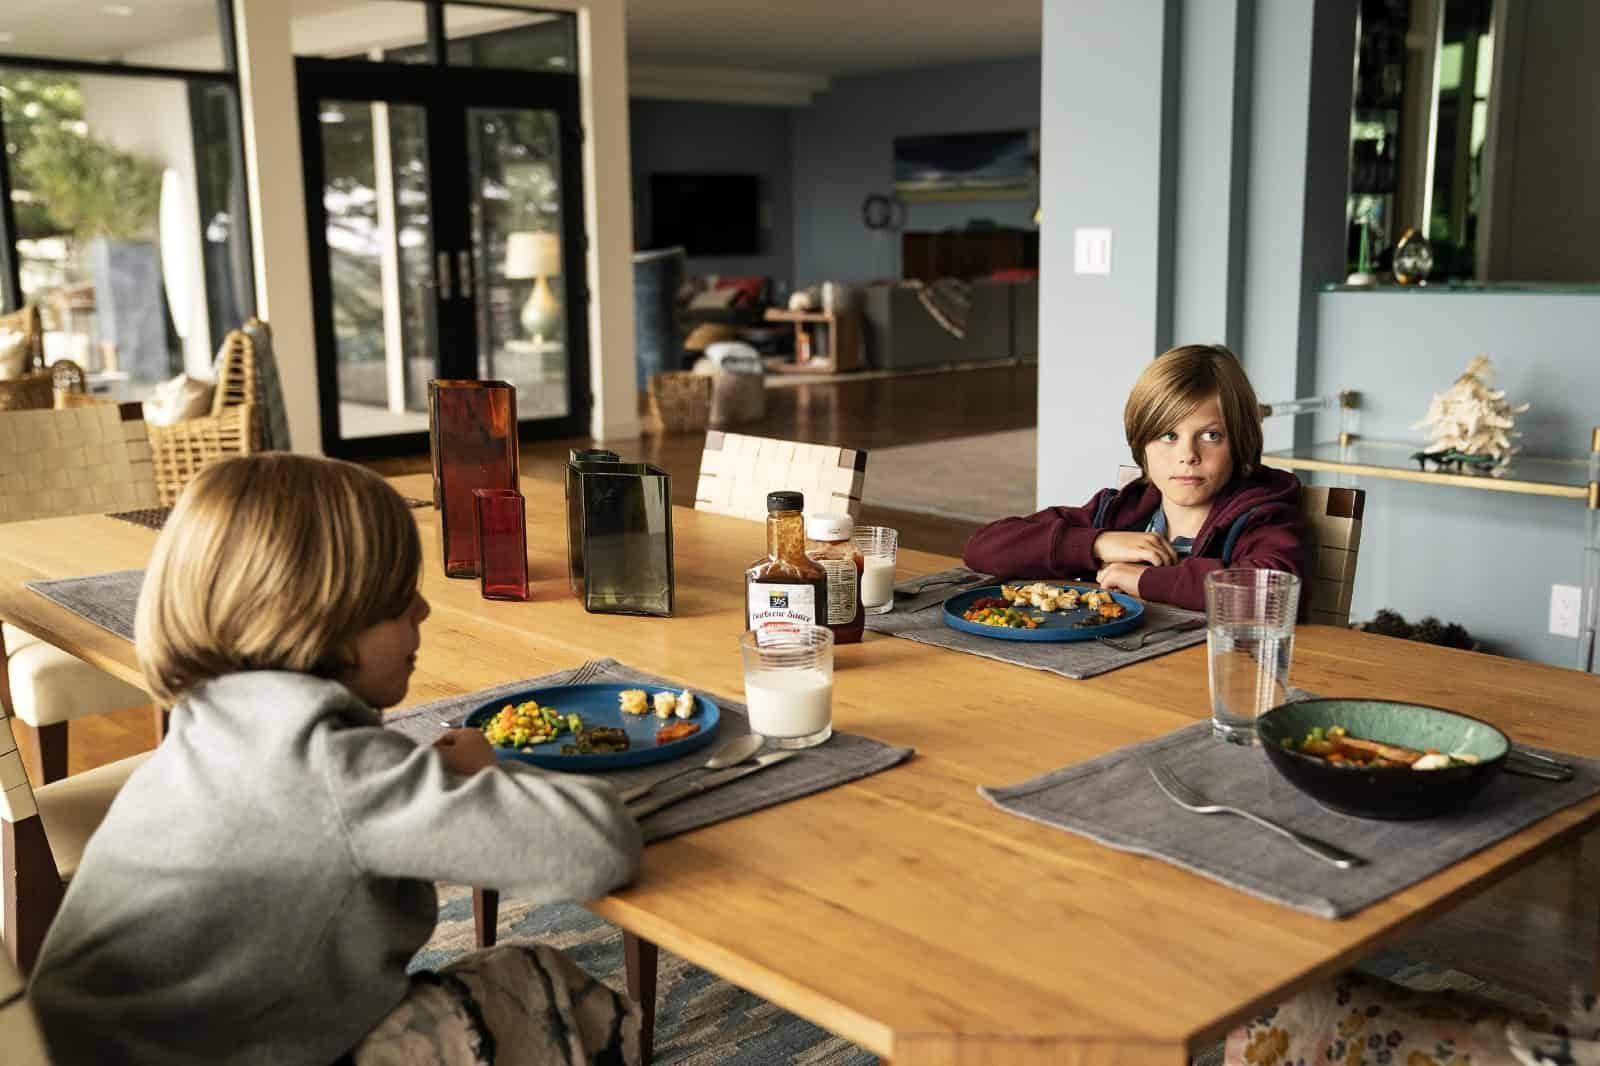 Nicholas Crovetti y Cameron Crovetti como Josh y Max Wright en BLL 2x05